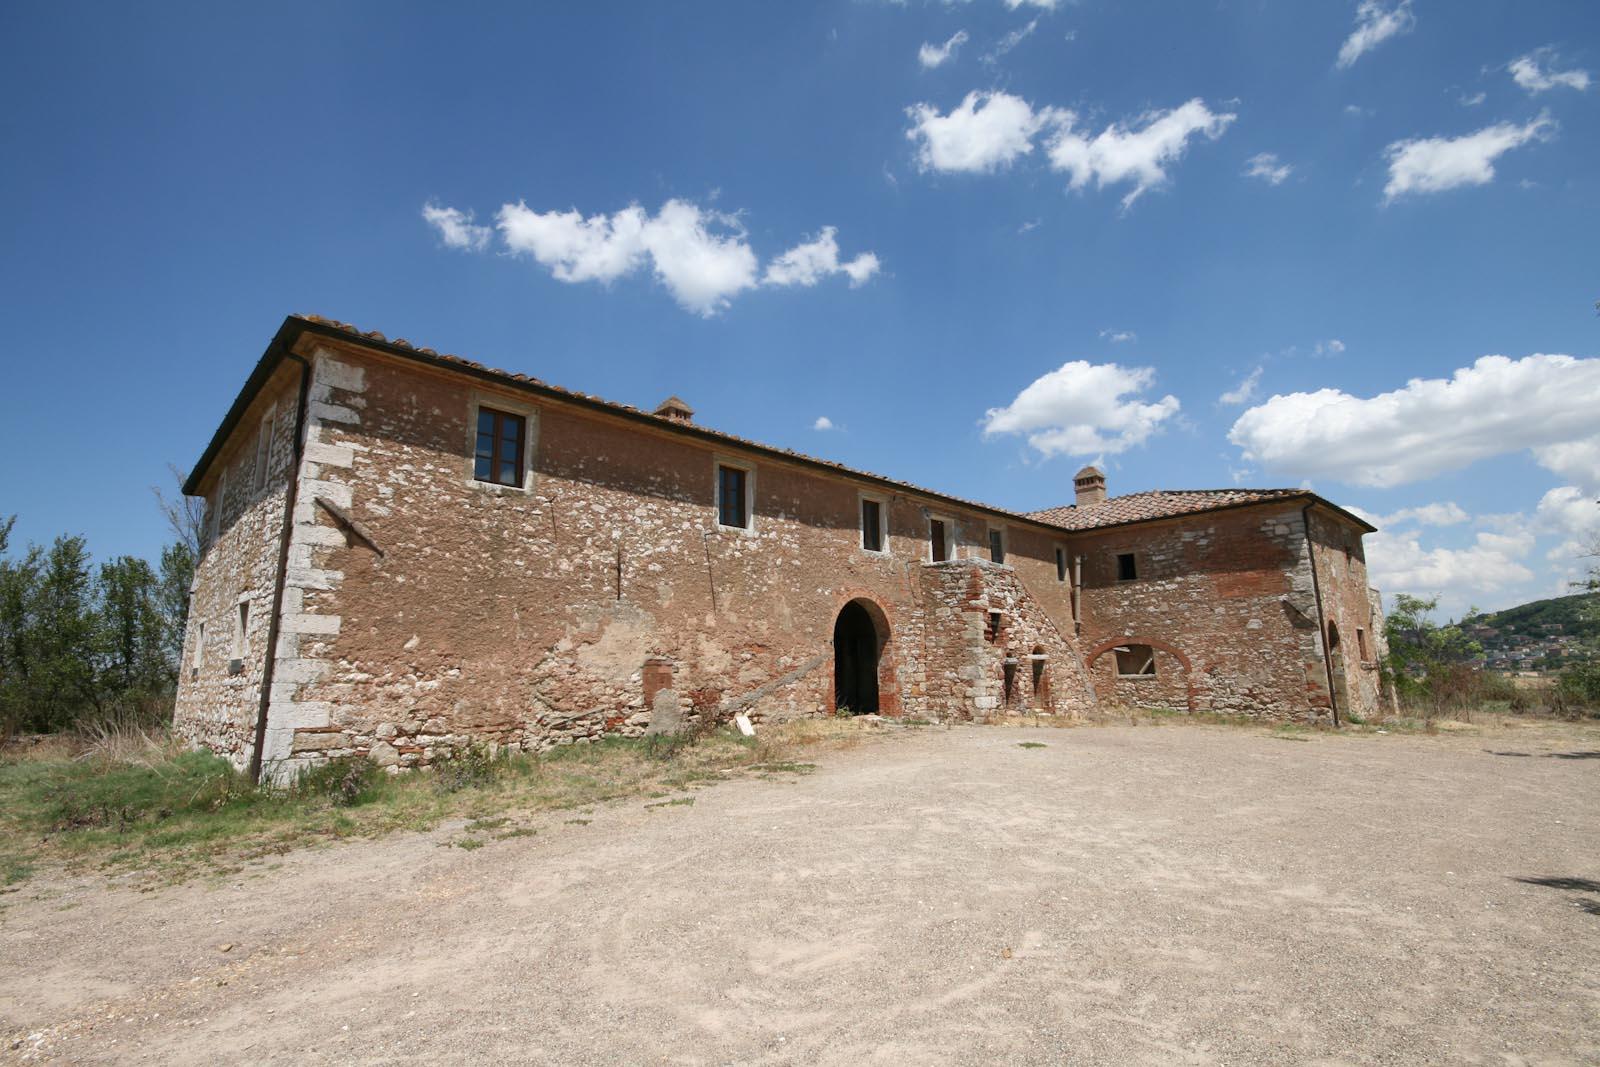 Casolare in vendita in italia toscana siena case di campagna da ristrutturare nella crete - Ristrutturare casale di campagna ...